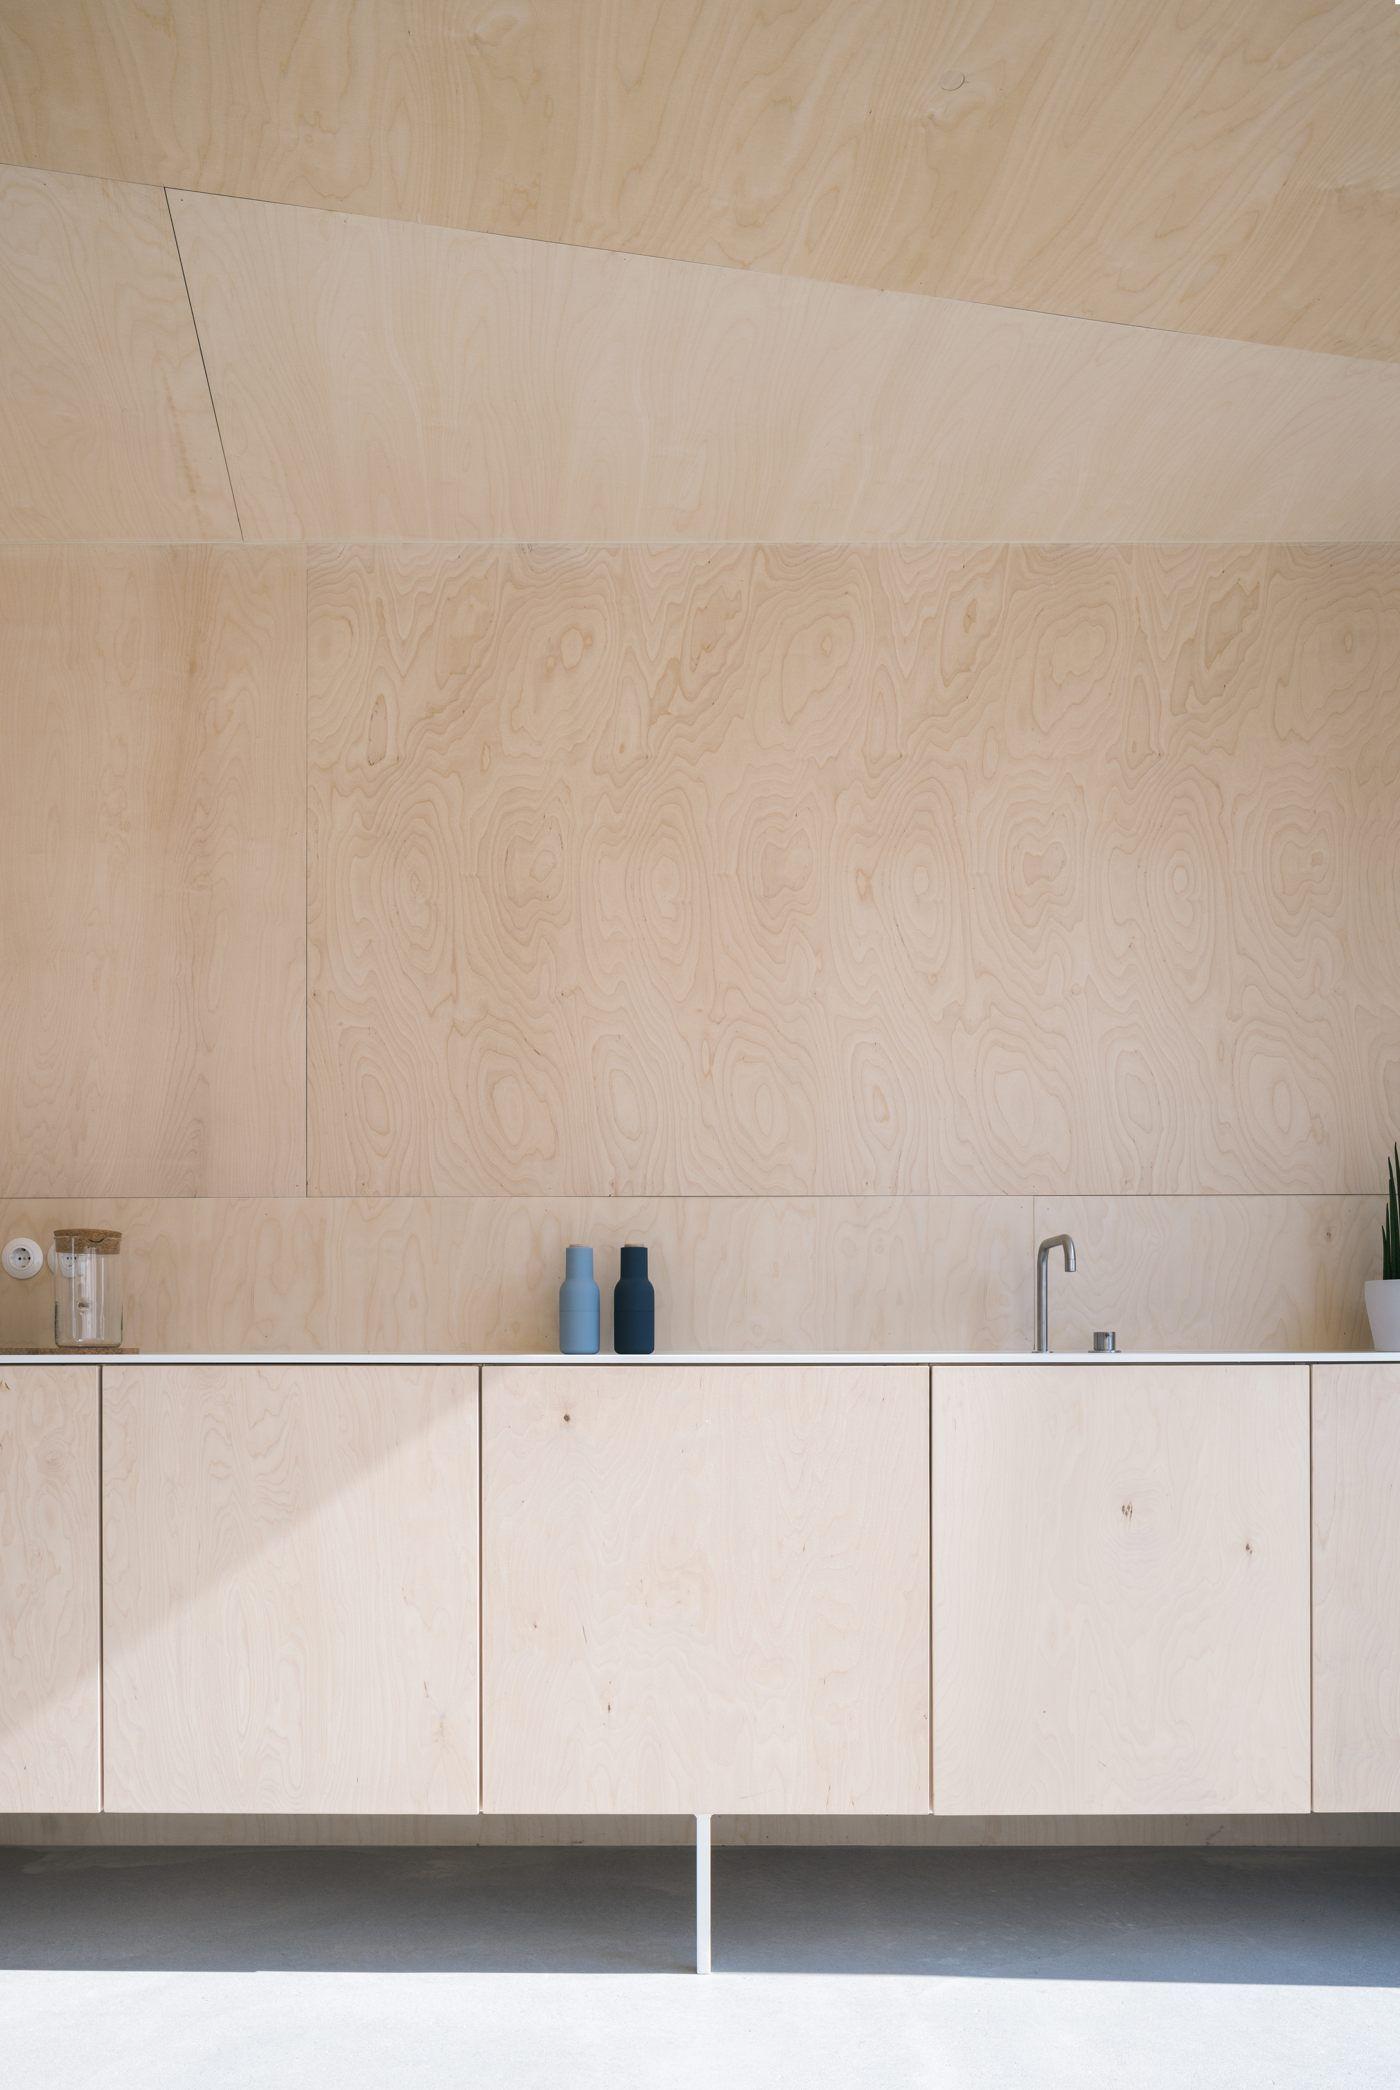 Mind Architects Collective Spricht Im Interview Bei Fassaden Blog Sto Uber Den Holzbau Ihr Exotendasein Sperrholzkuche Innenarchitektur Kuche Sperrholz Design